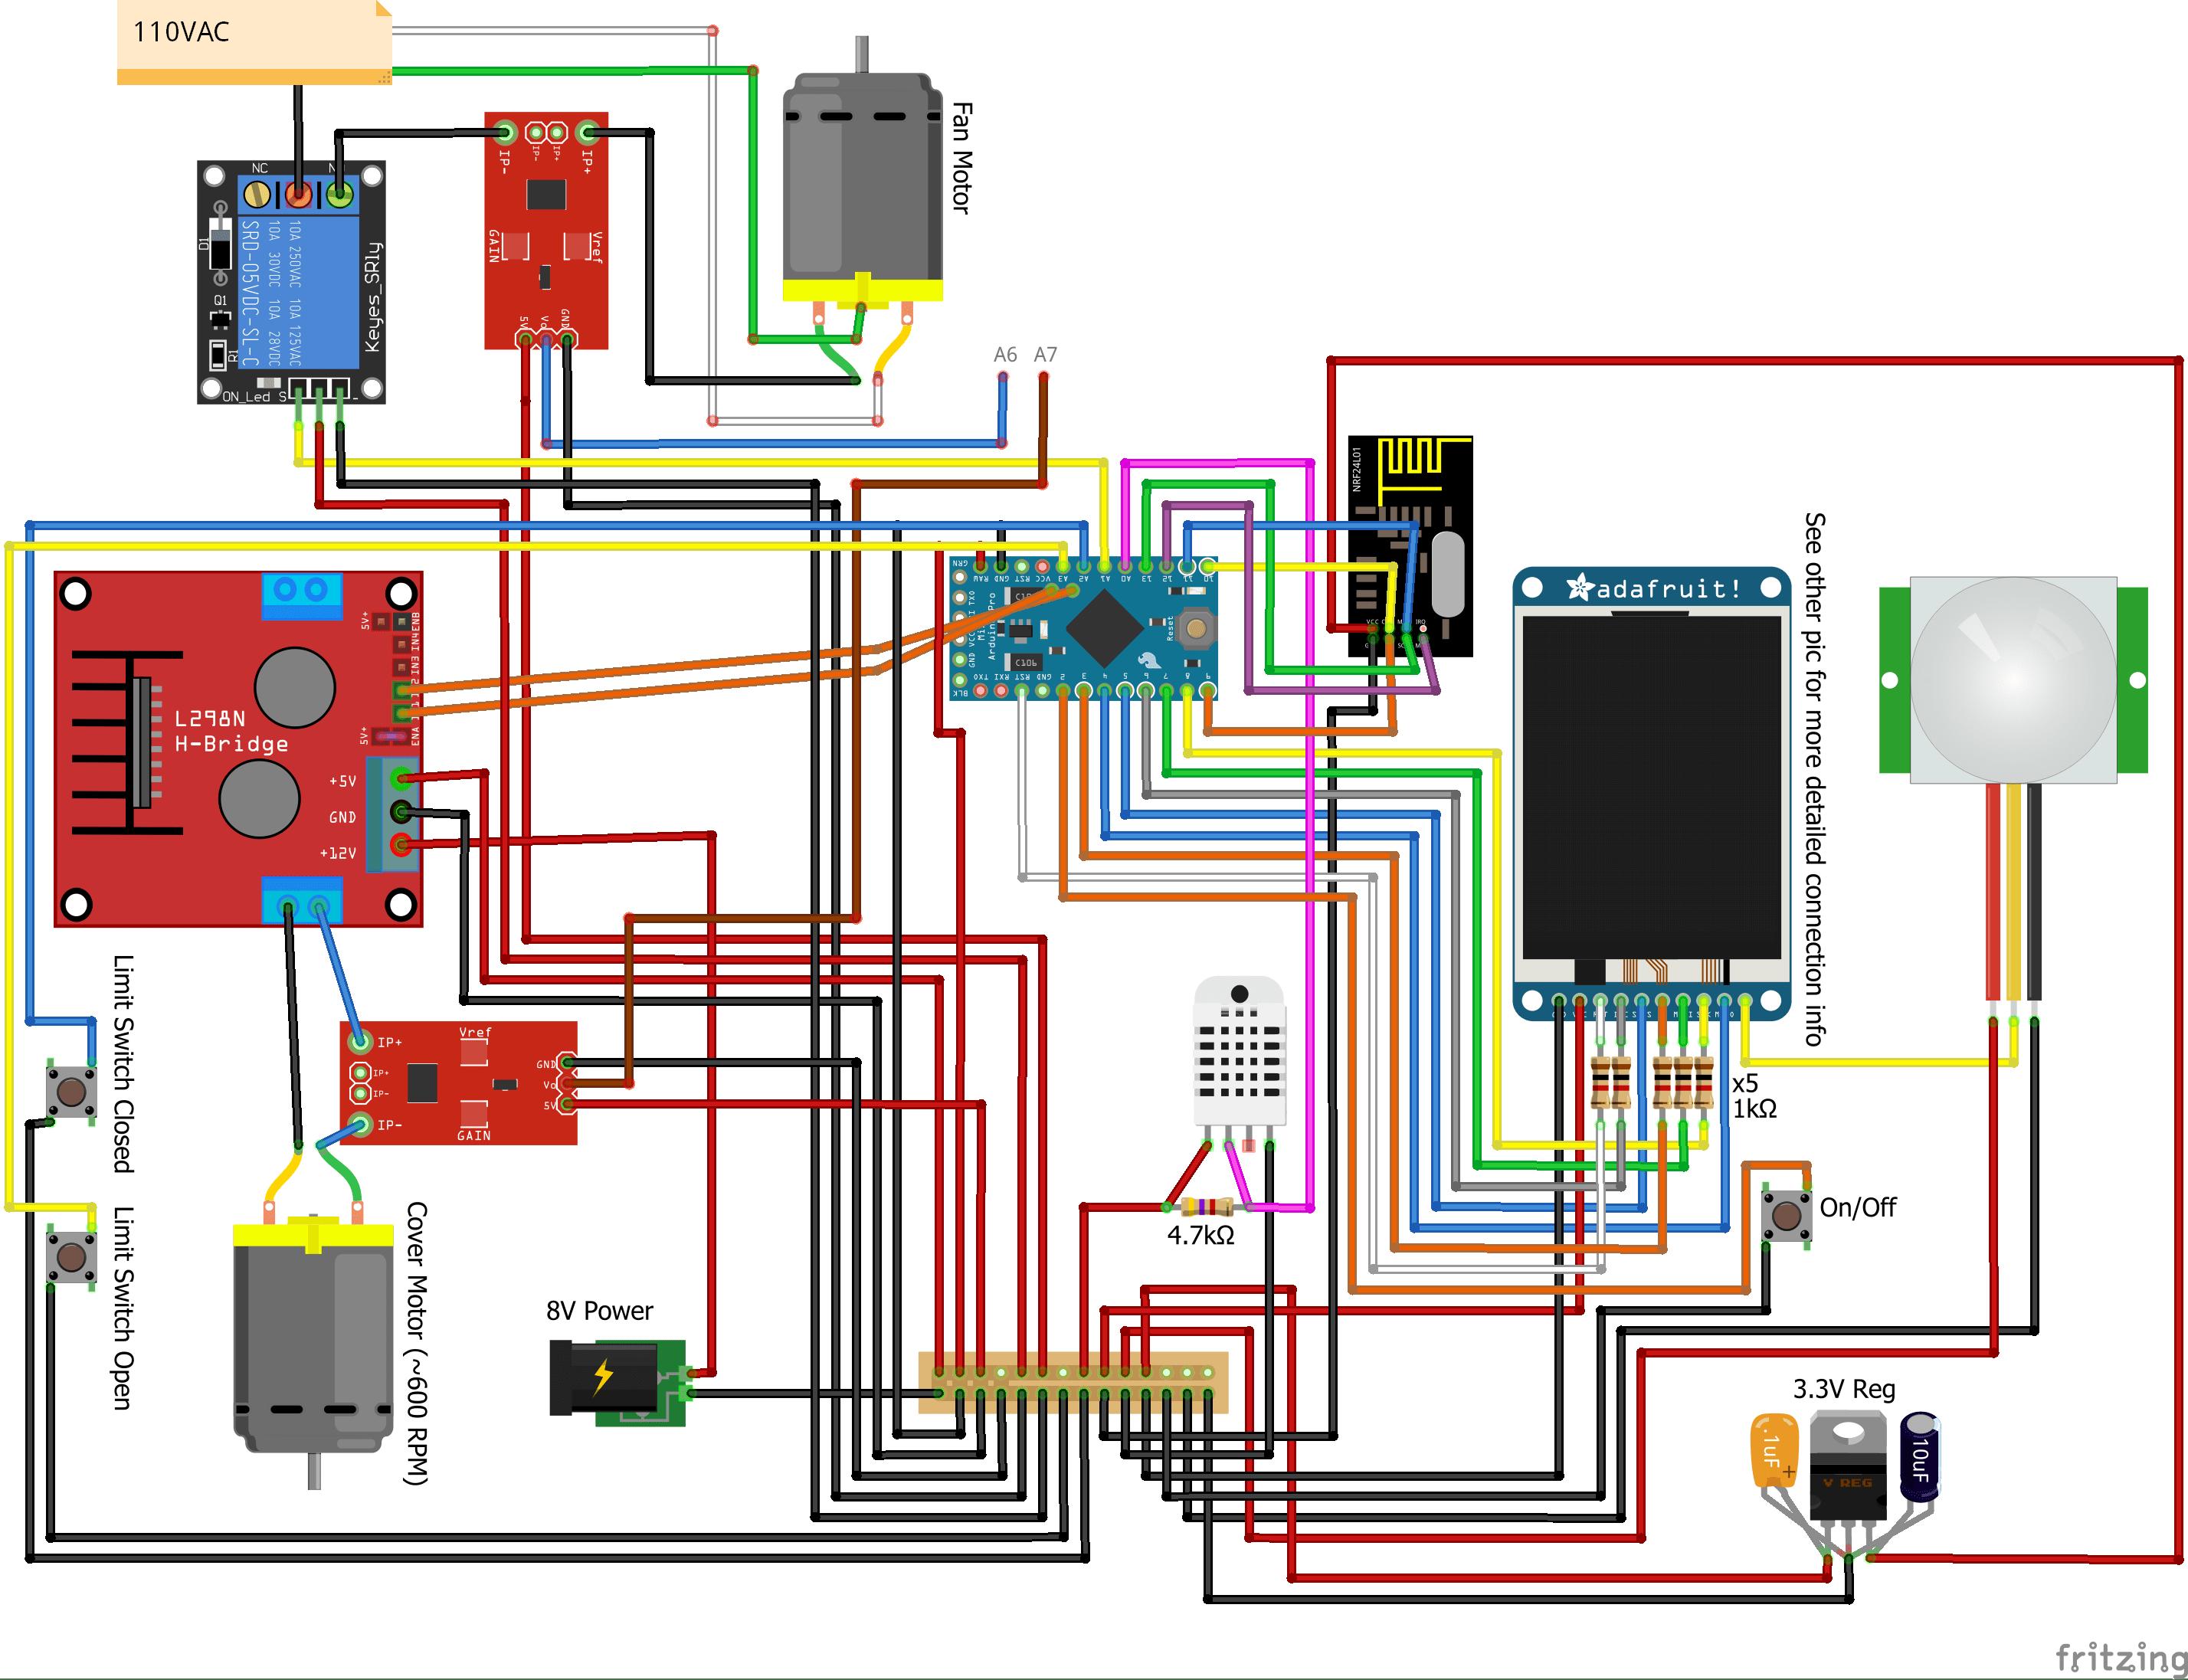 Fritzing Whole House Fan Wiring?resize=665%2C511&ssl=1 attic fan switch wiring diagram attic fan pull switch, exhaust exhaust fan thermostat wiring diagram at virtualis.co